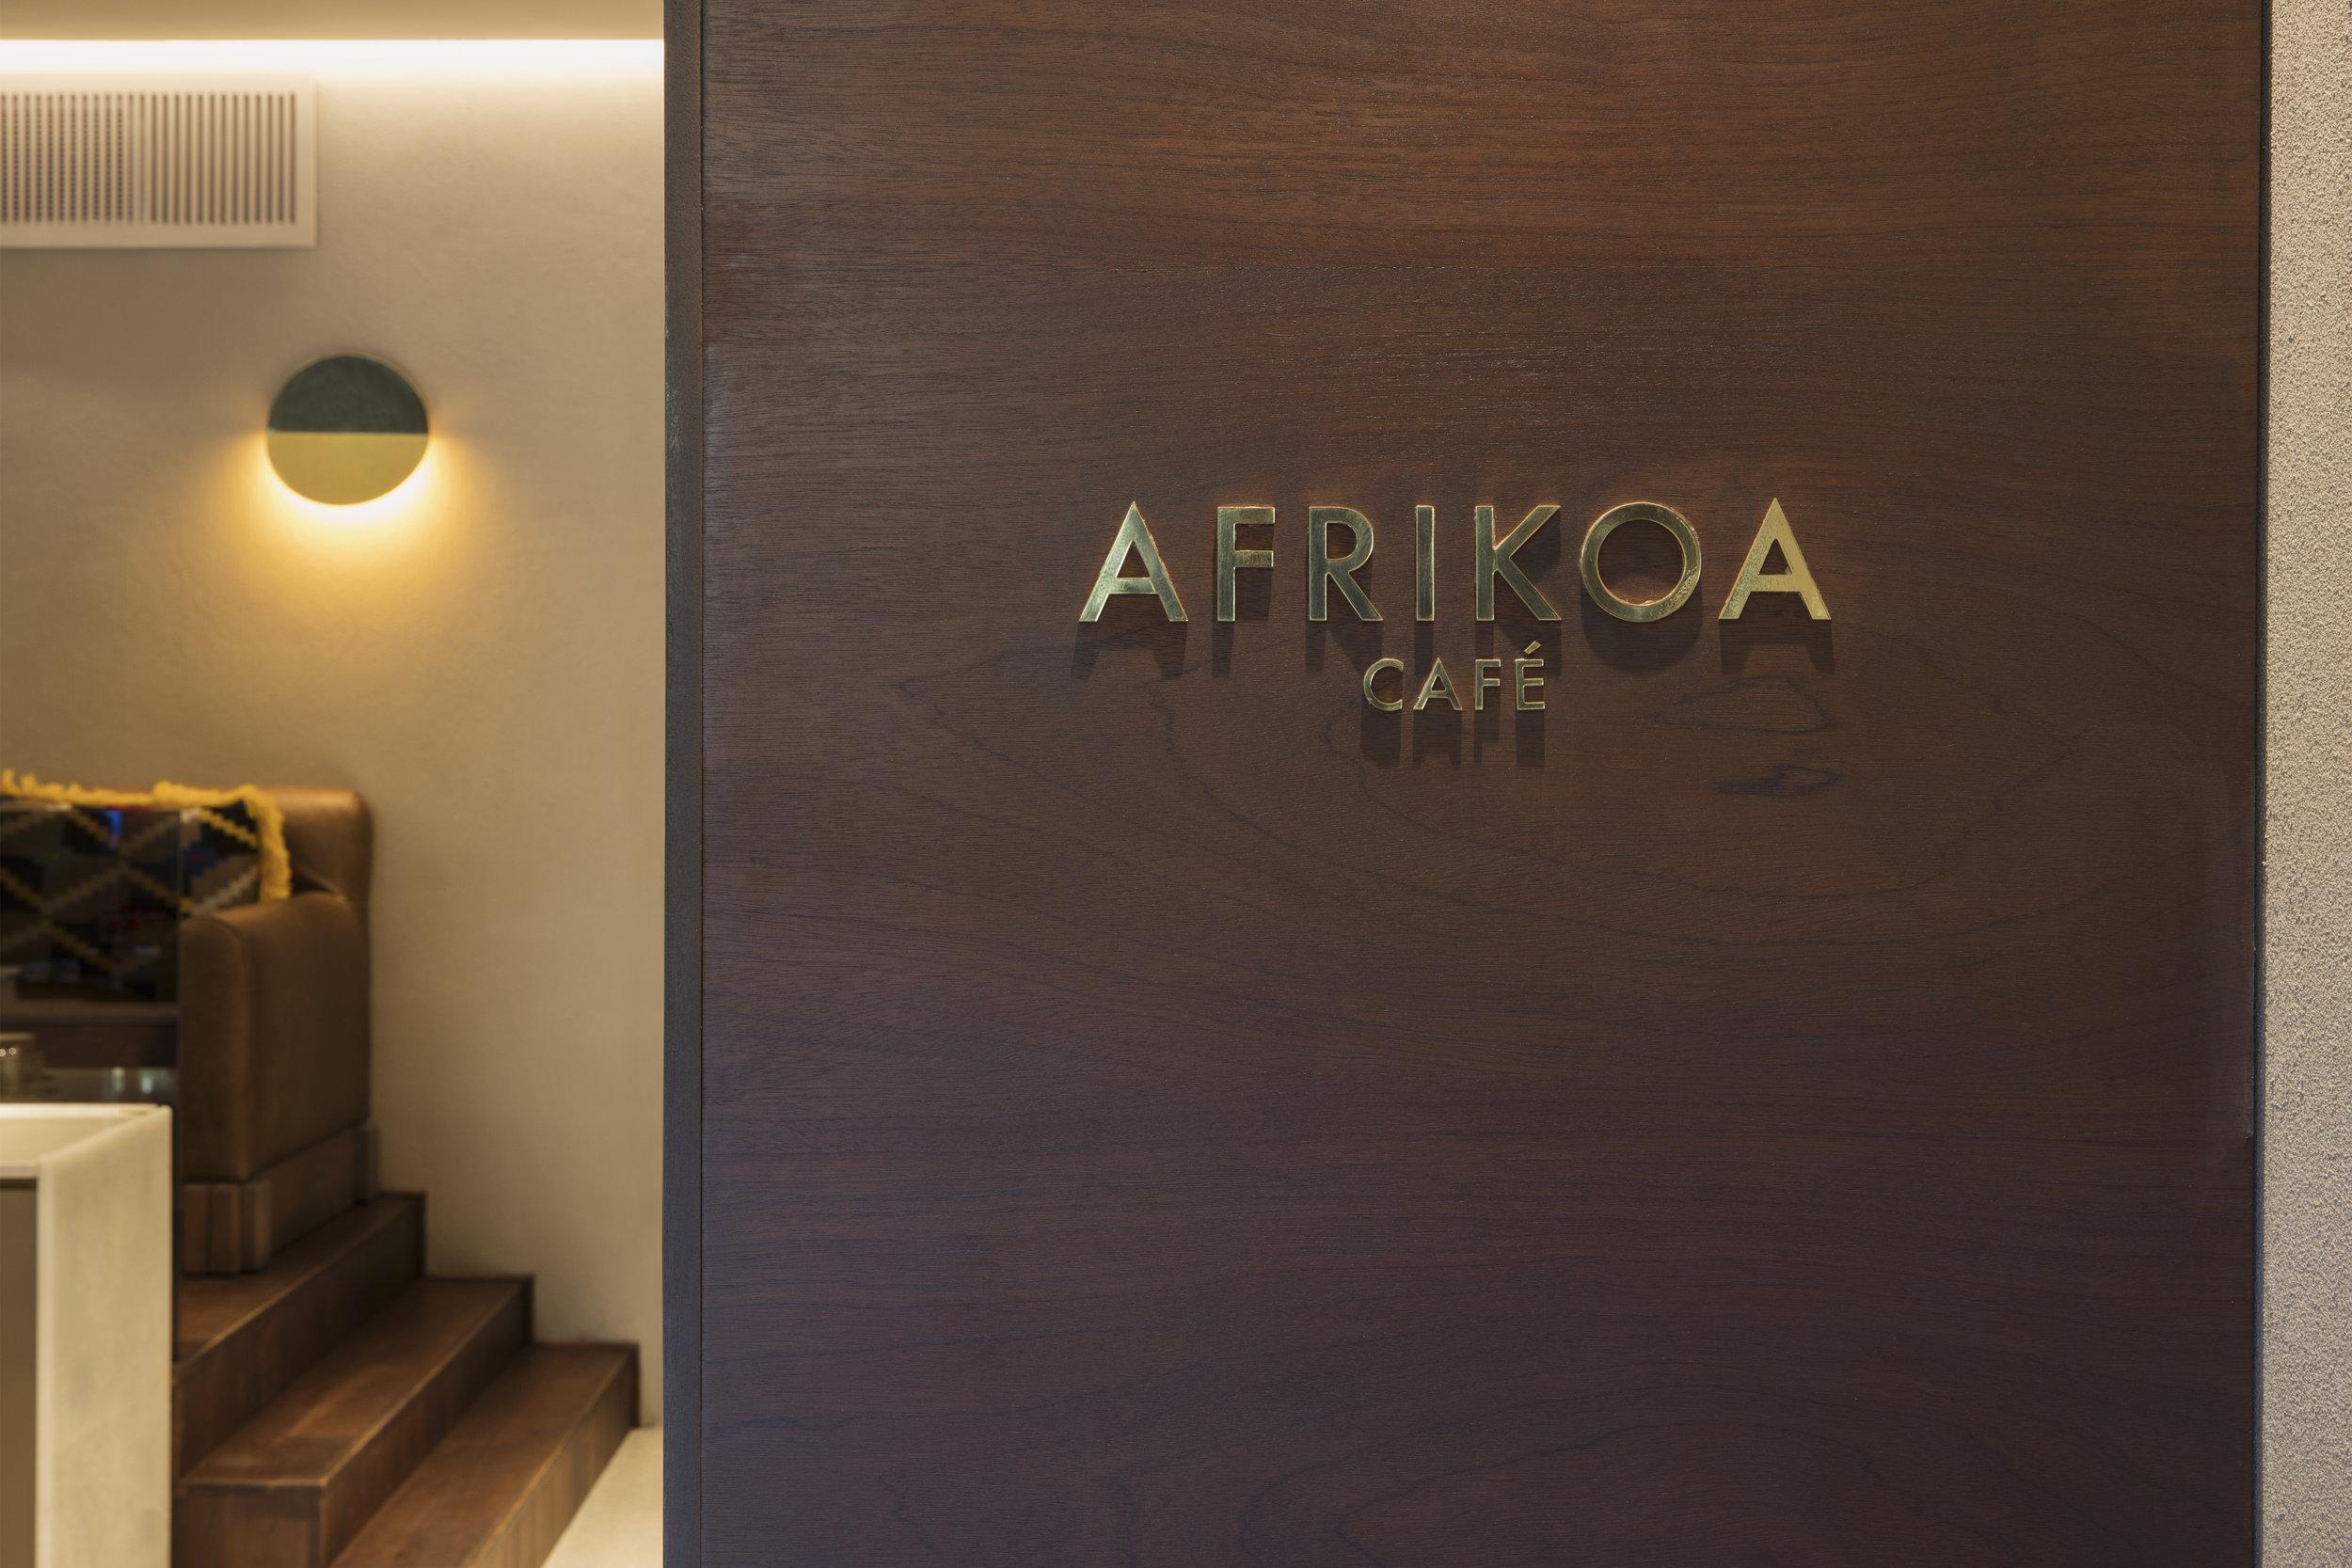 Afrikoa -